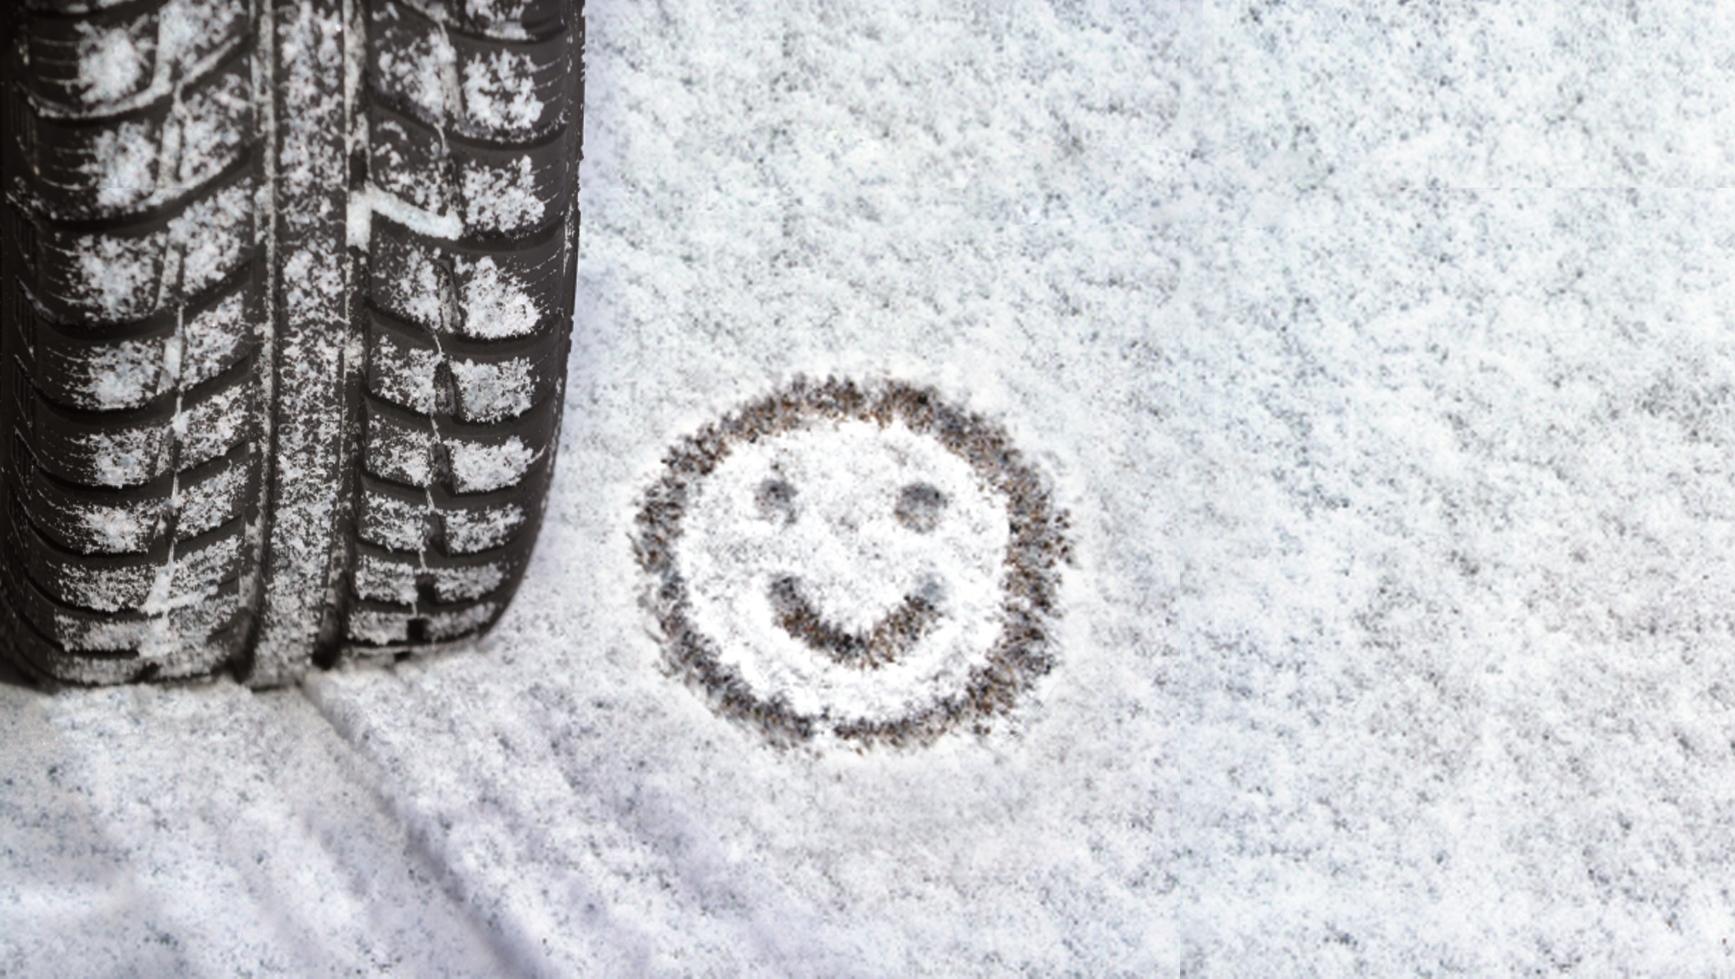 winter-tyres1.jpg